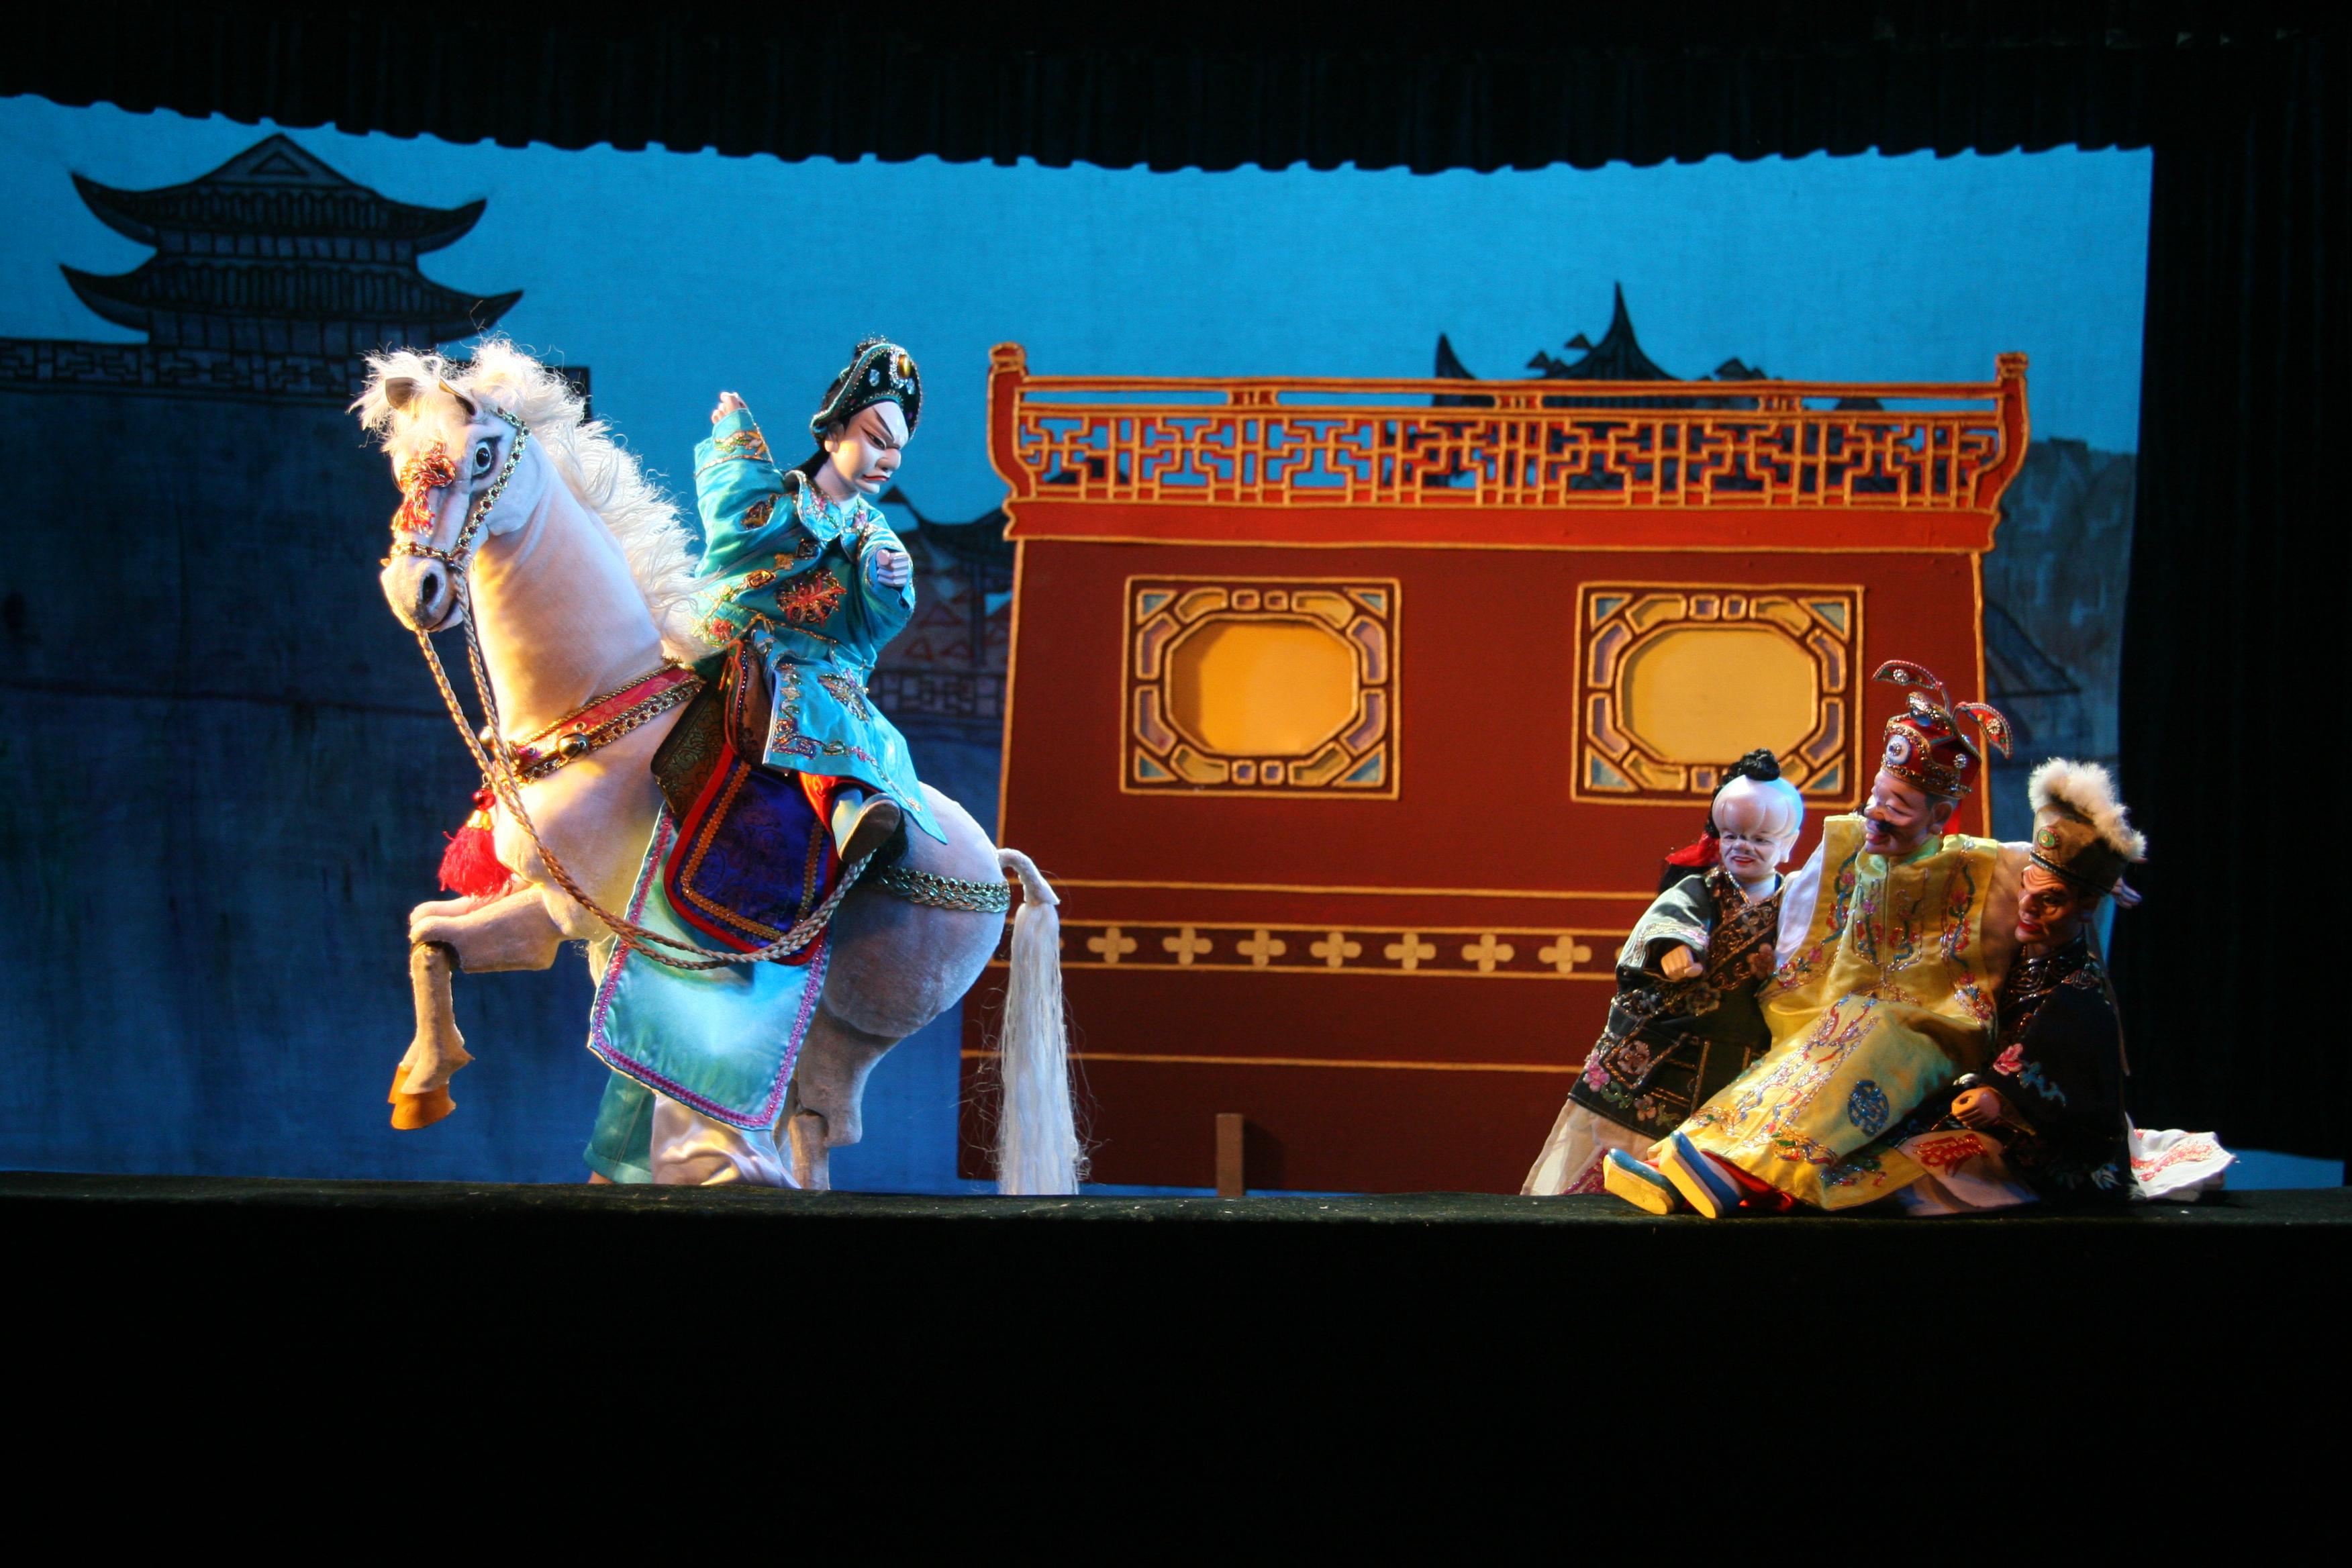 <em>Vendre un cheval et créer le chaos à la Préfecture</em> (卖马闹府, 1961) par Zhangzhoushi Muou Jutuan (District de Xiangcheng, Zhangzhou, province du Fujian, République populaire de Chine), mise en scène : Yang Sheng (décédé), Chen Nantian (décédé), conception et fabrication : Yang Junwei, marionnettistes : Yao Wenjian, Zhuang Shoumin, Lü Yuebin, Zhang Zhao, Xu Kunhuang. Marionnettes à gaine, hauteur : 45 cm. Photo: Chen Weiqi